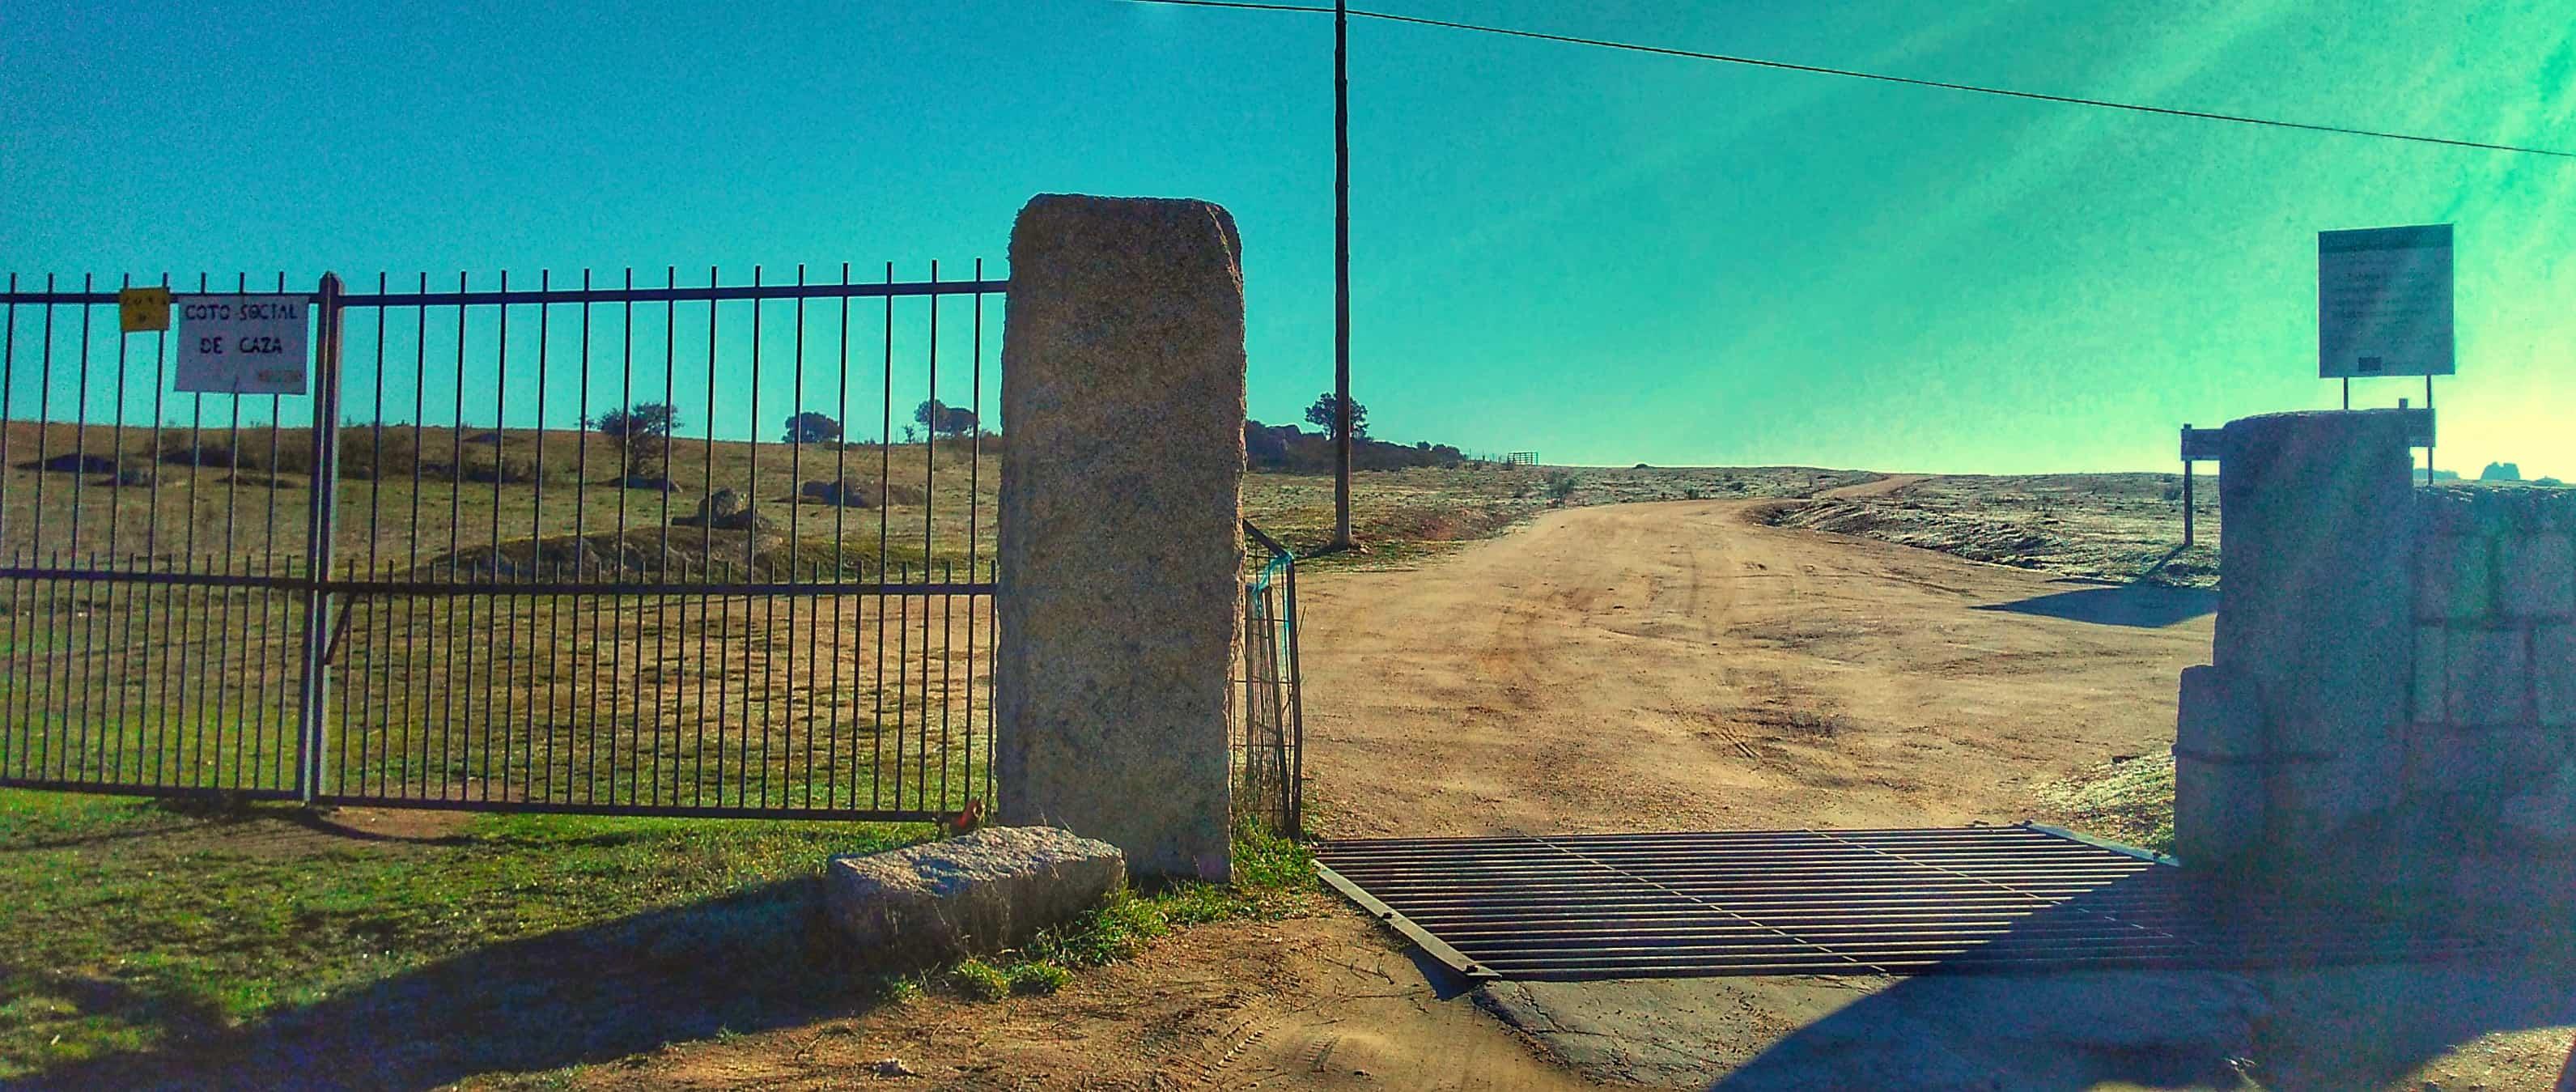 Ruta-juegodetronos-entrada-losbarruecos